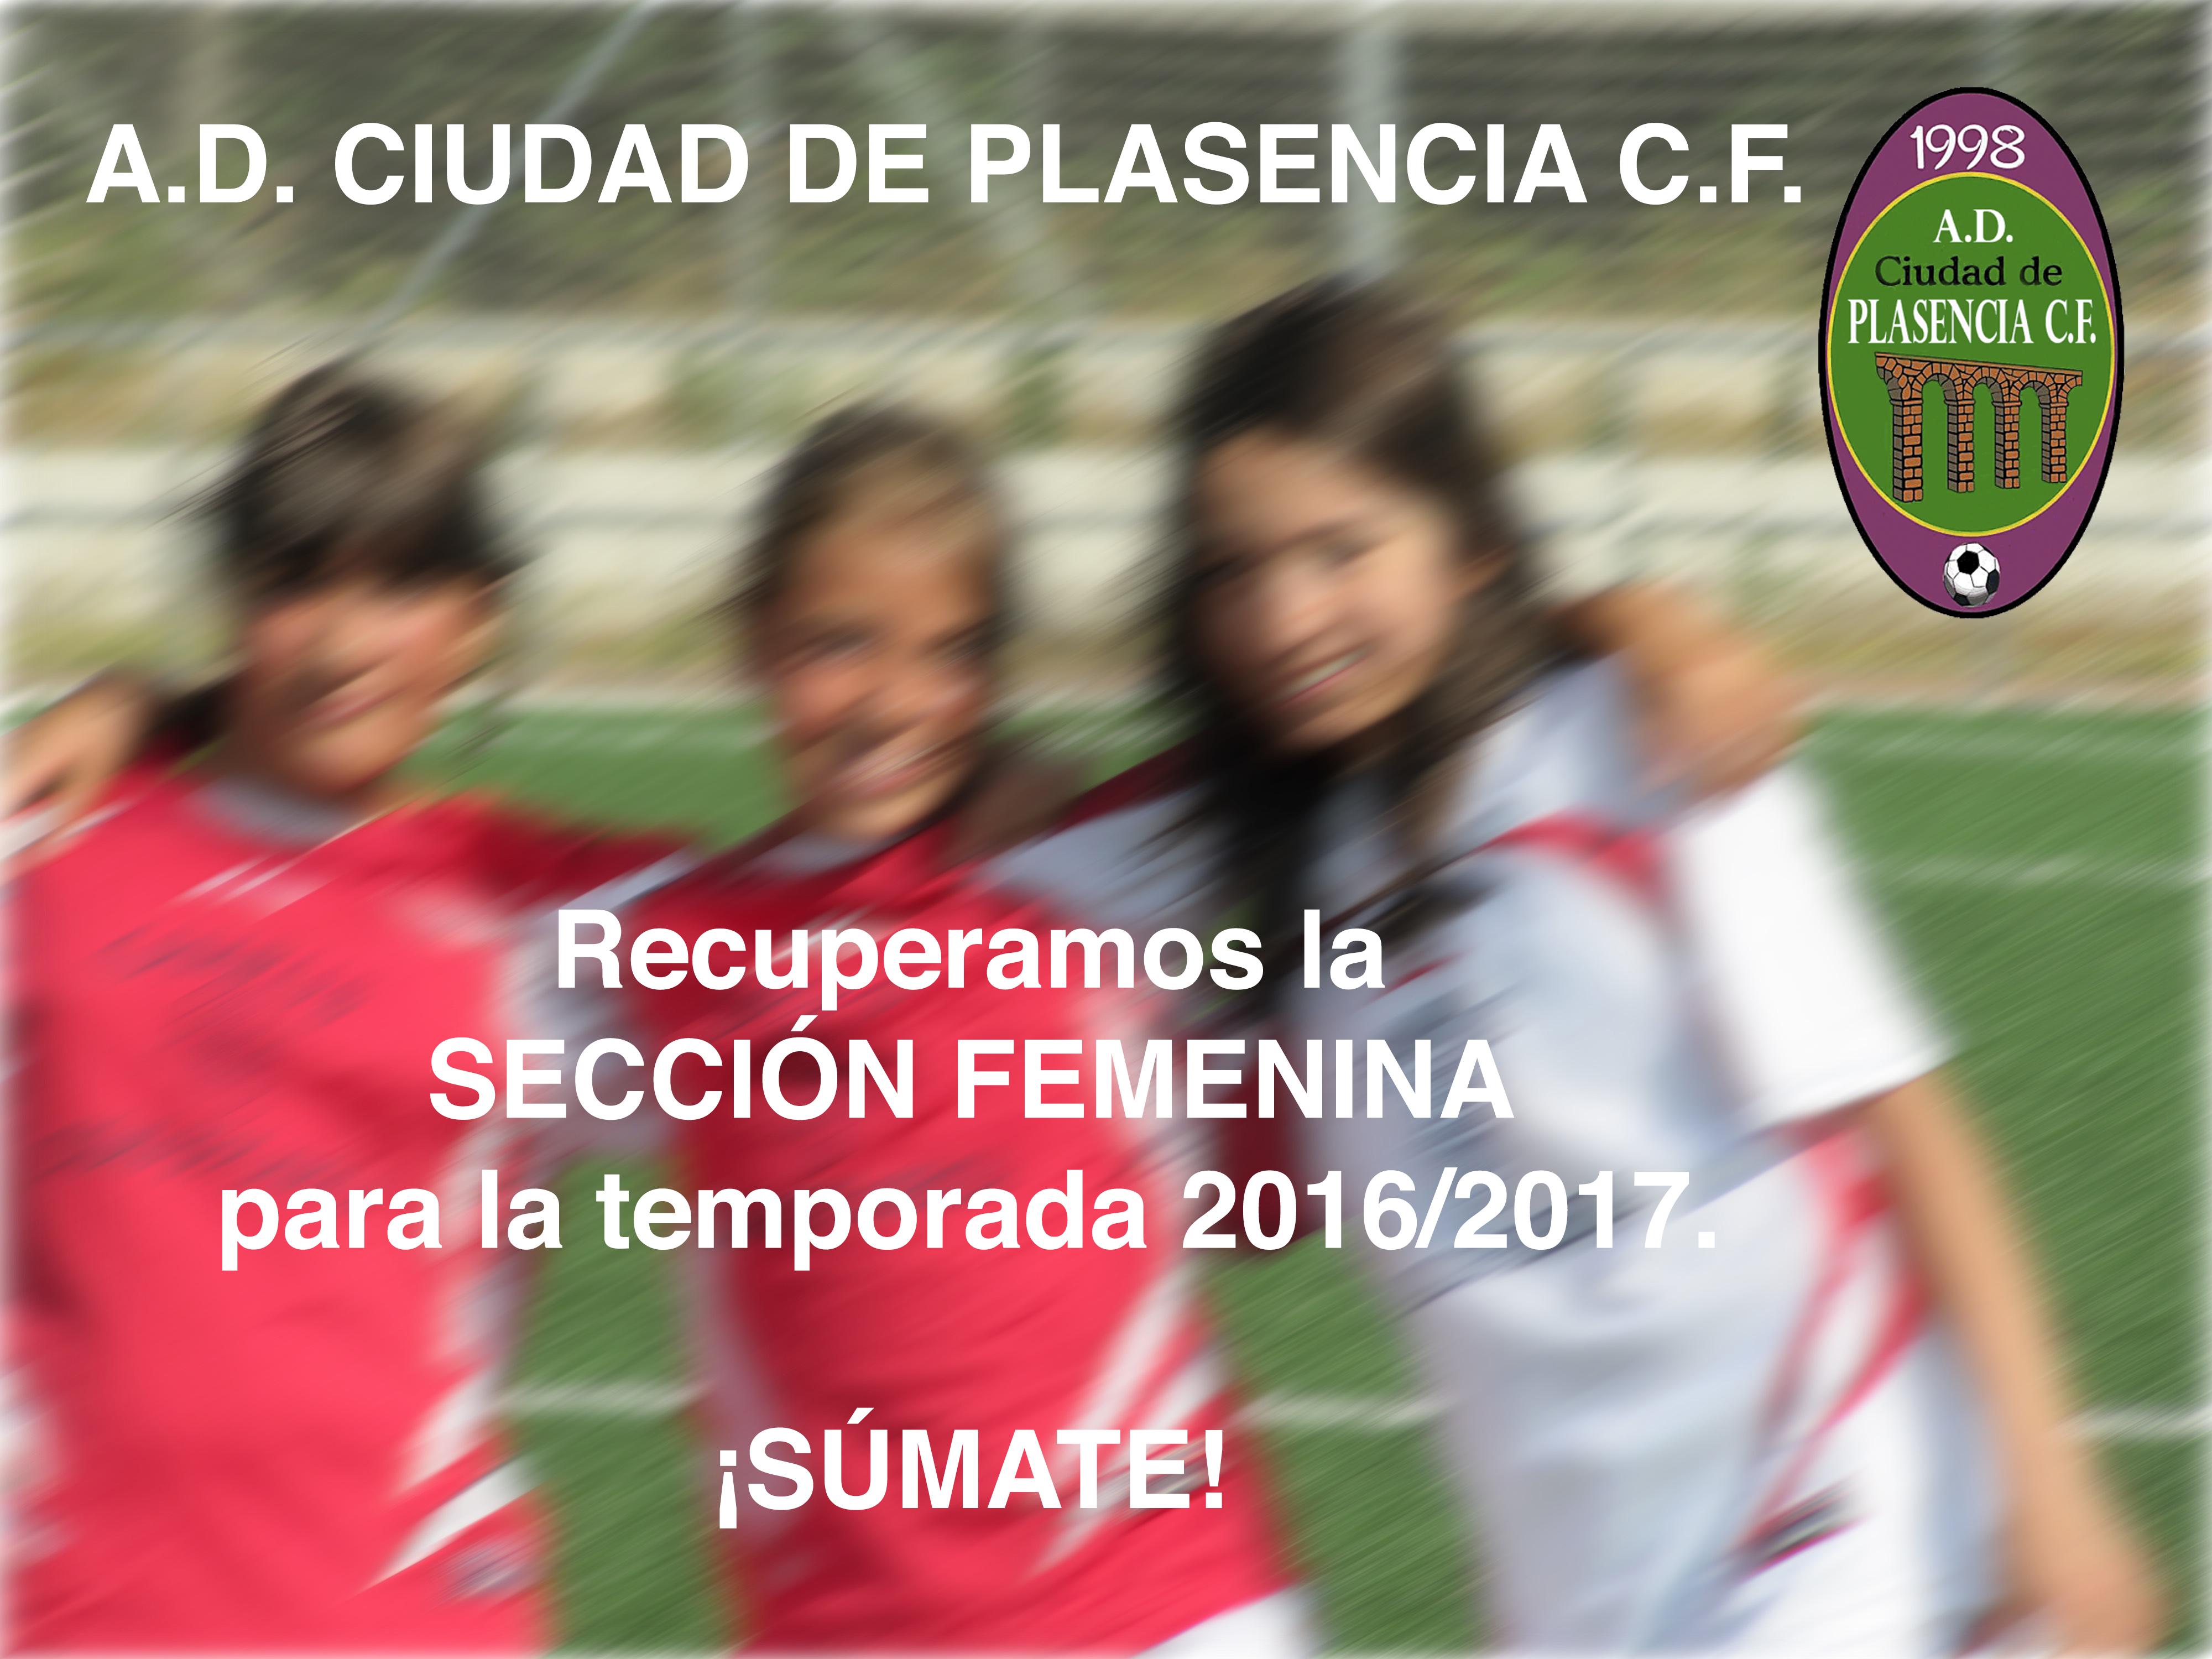 Recuperamos la sección femenina para la temporada 2016-2017